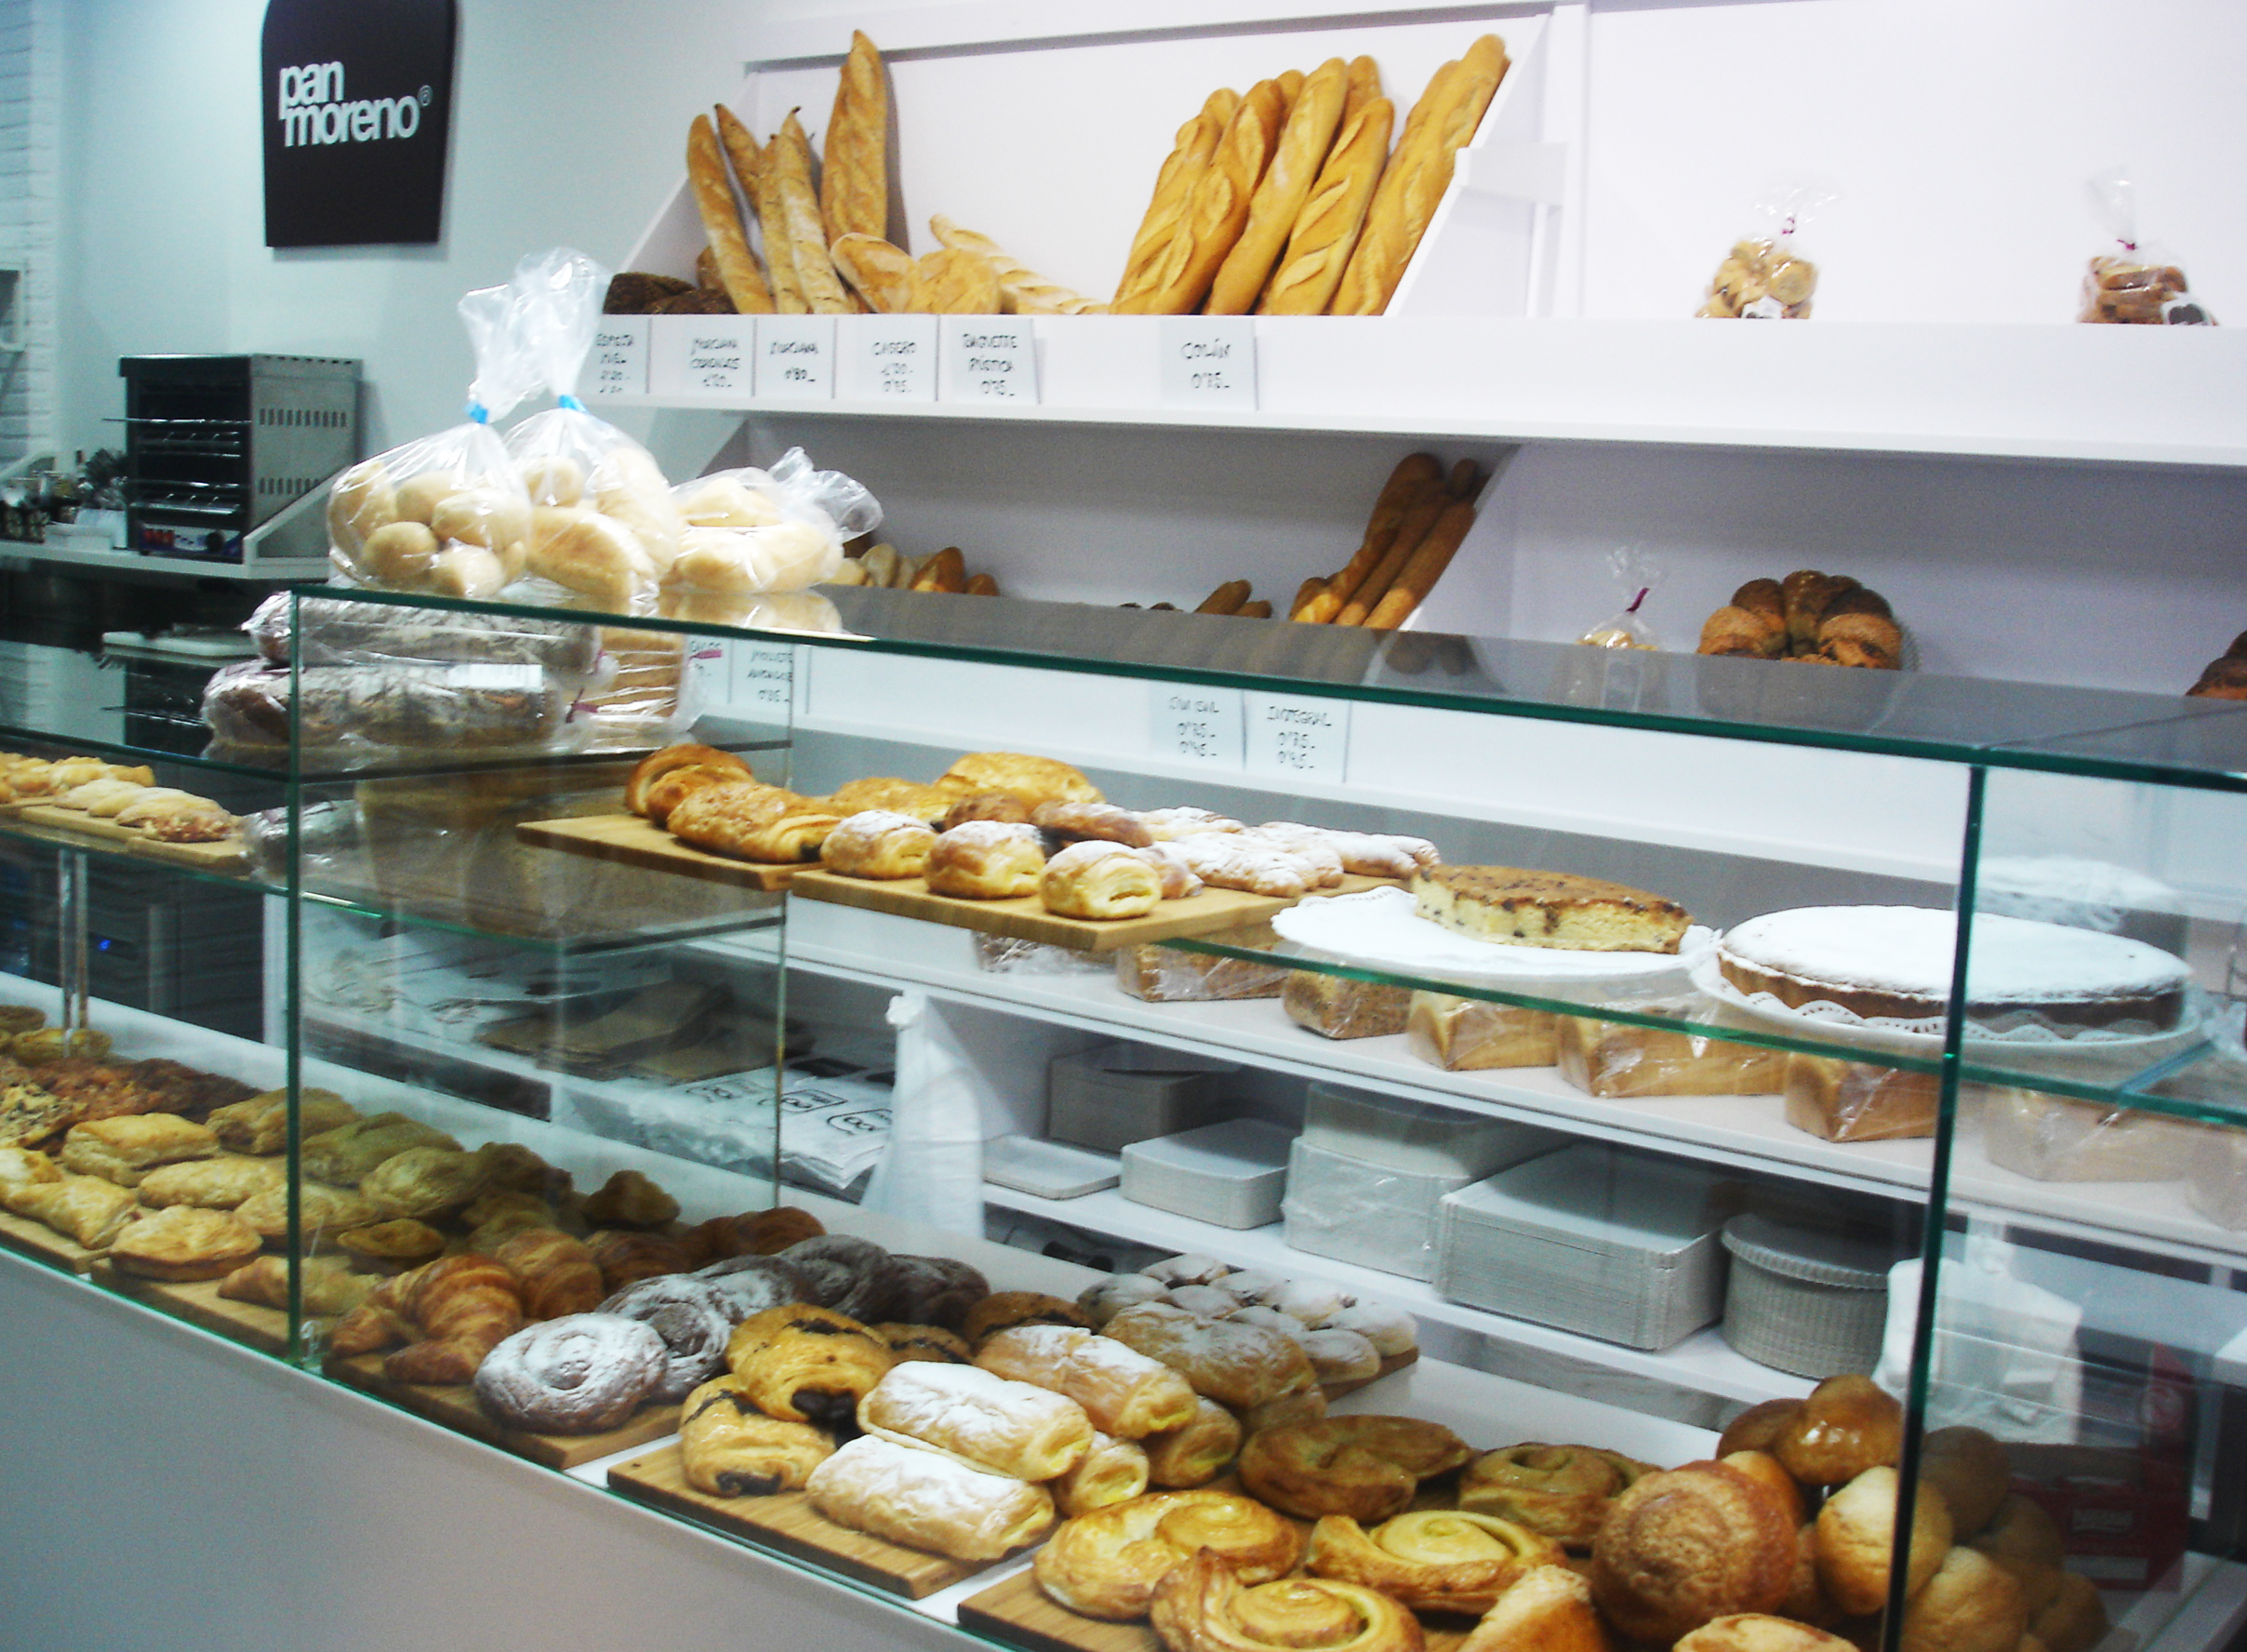 Panadería / Pan moreno